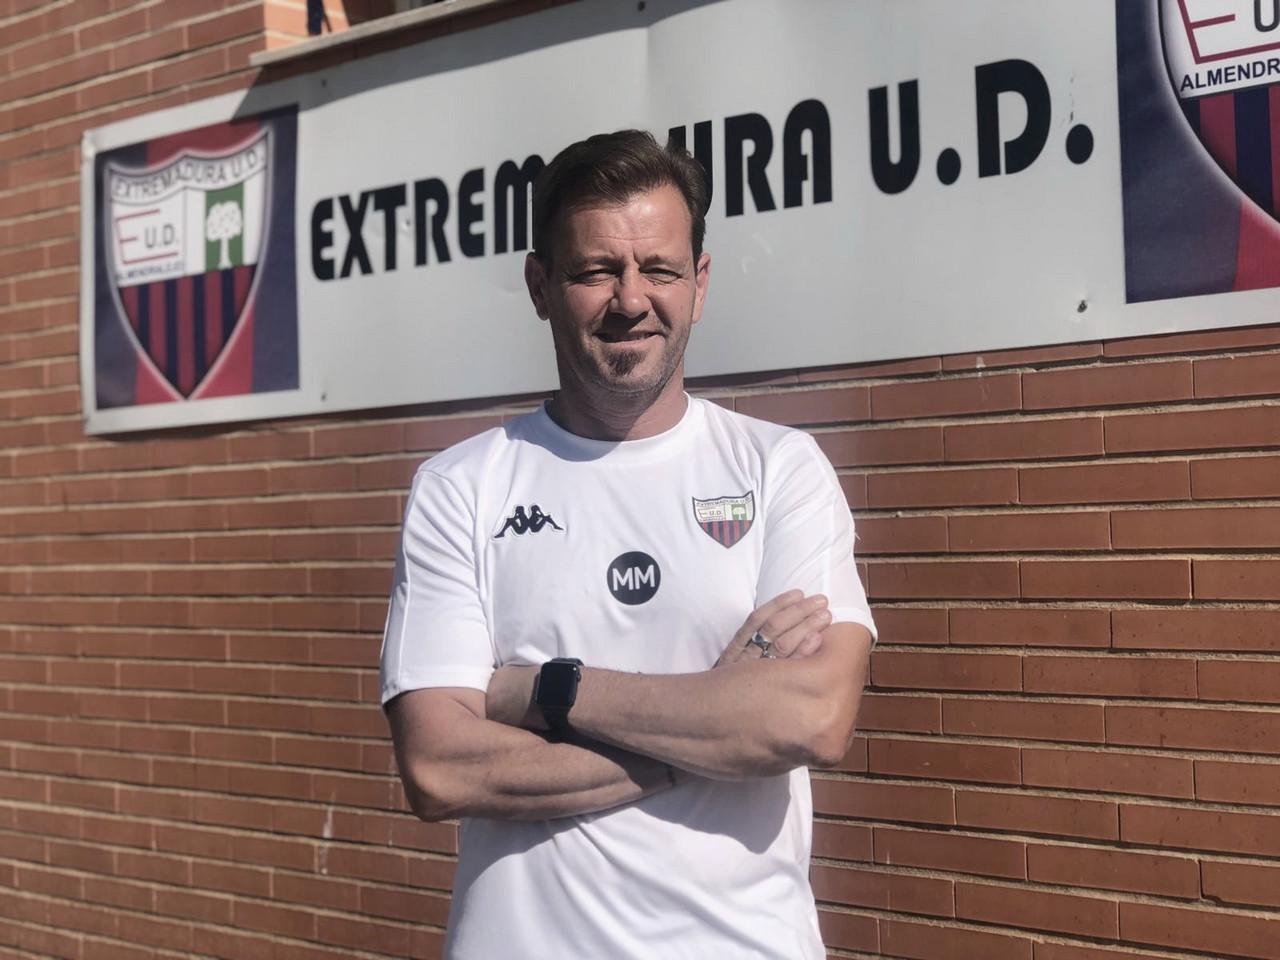 """Entrevista. Manuel Mosquera: """"Han venido jugadores muy buenos que mezclan la juventud con la experiencia"""""""